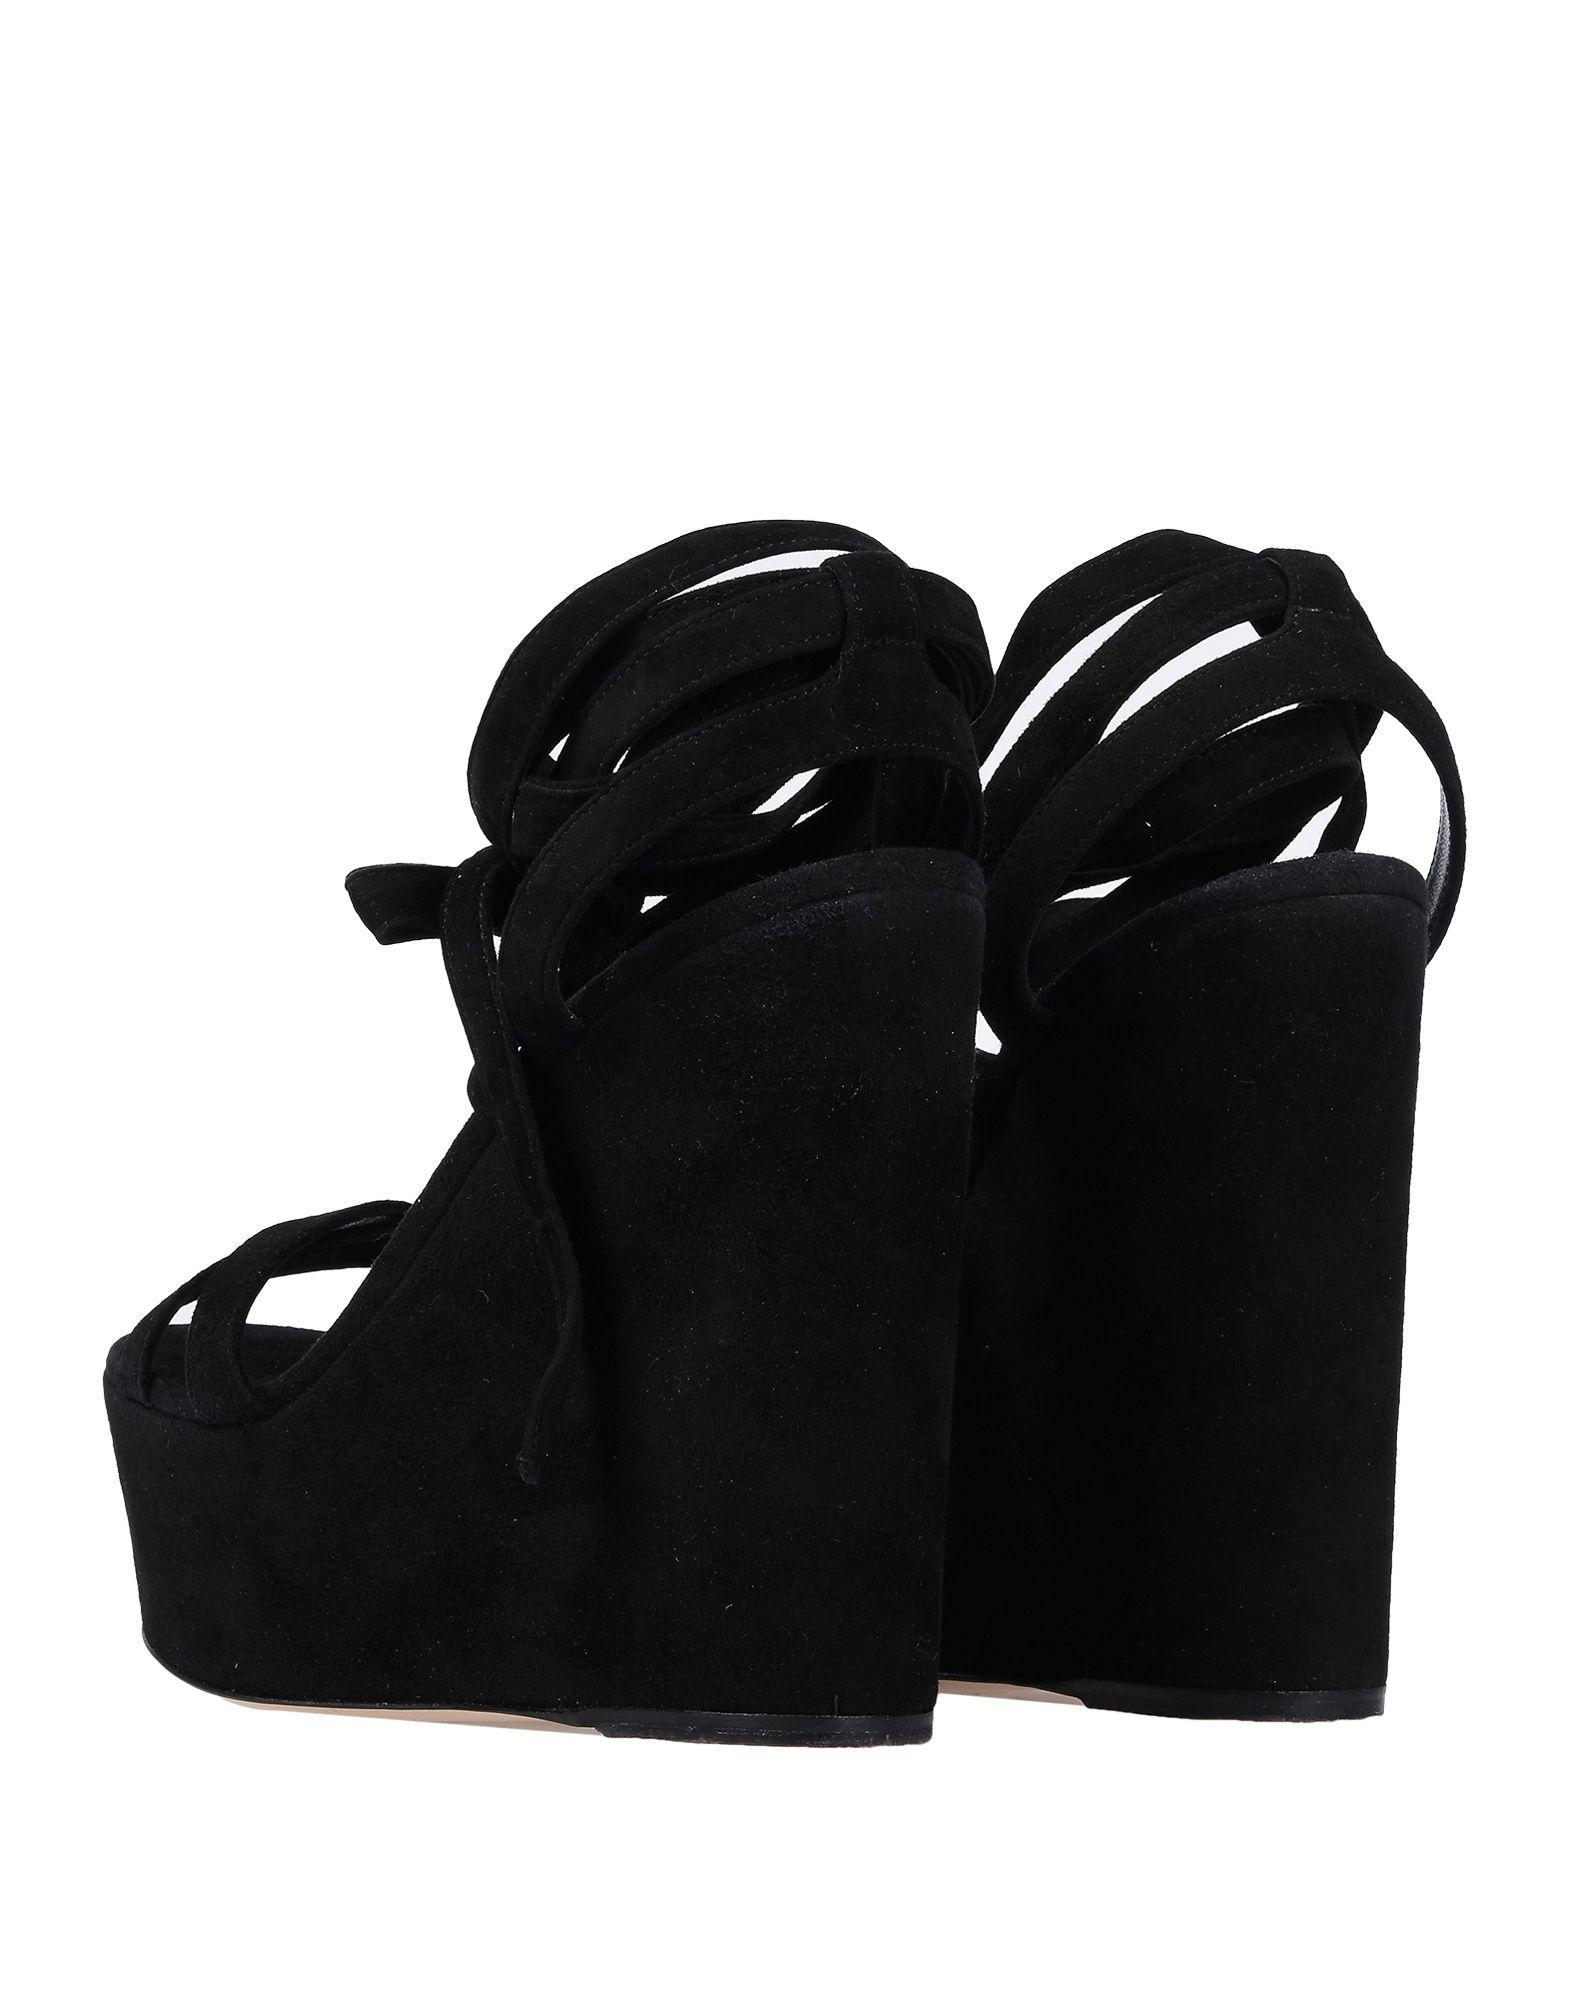 abc78781e3b93 Lyst - Gianvito Rossi Sandals in Black